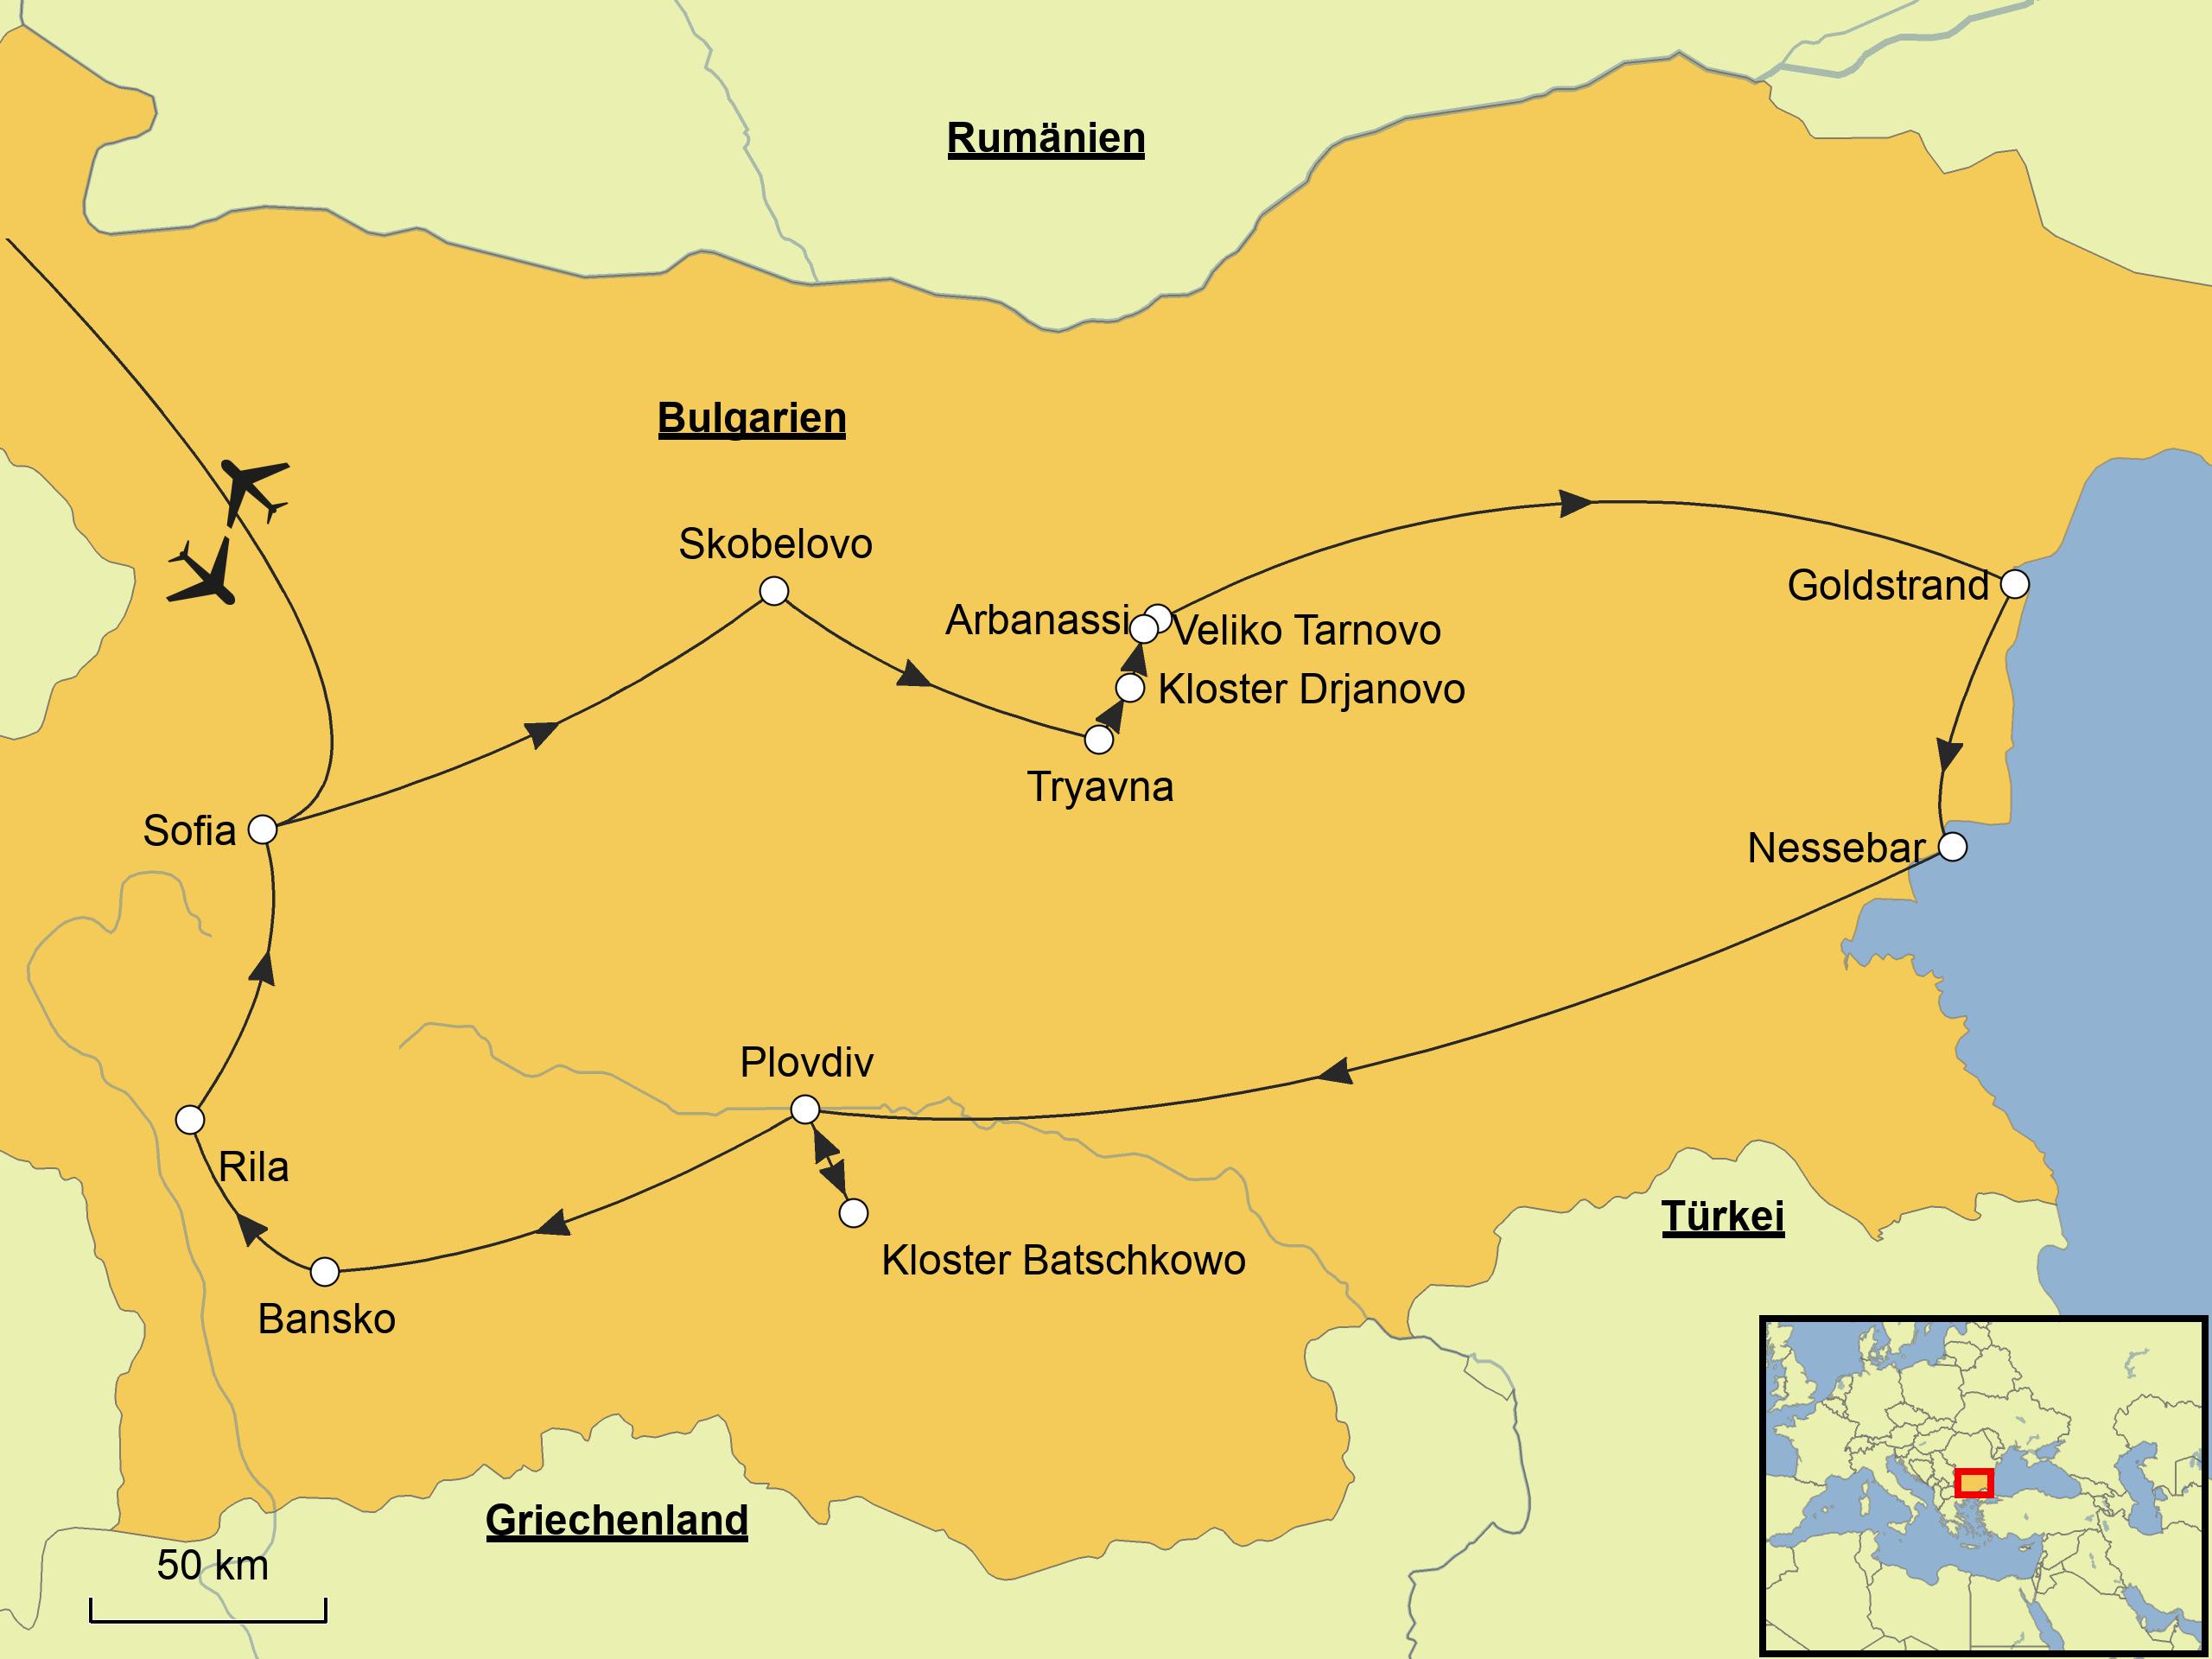 Bulgarien Karte Deutsch.Bulgarien Srd Reisen